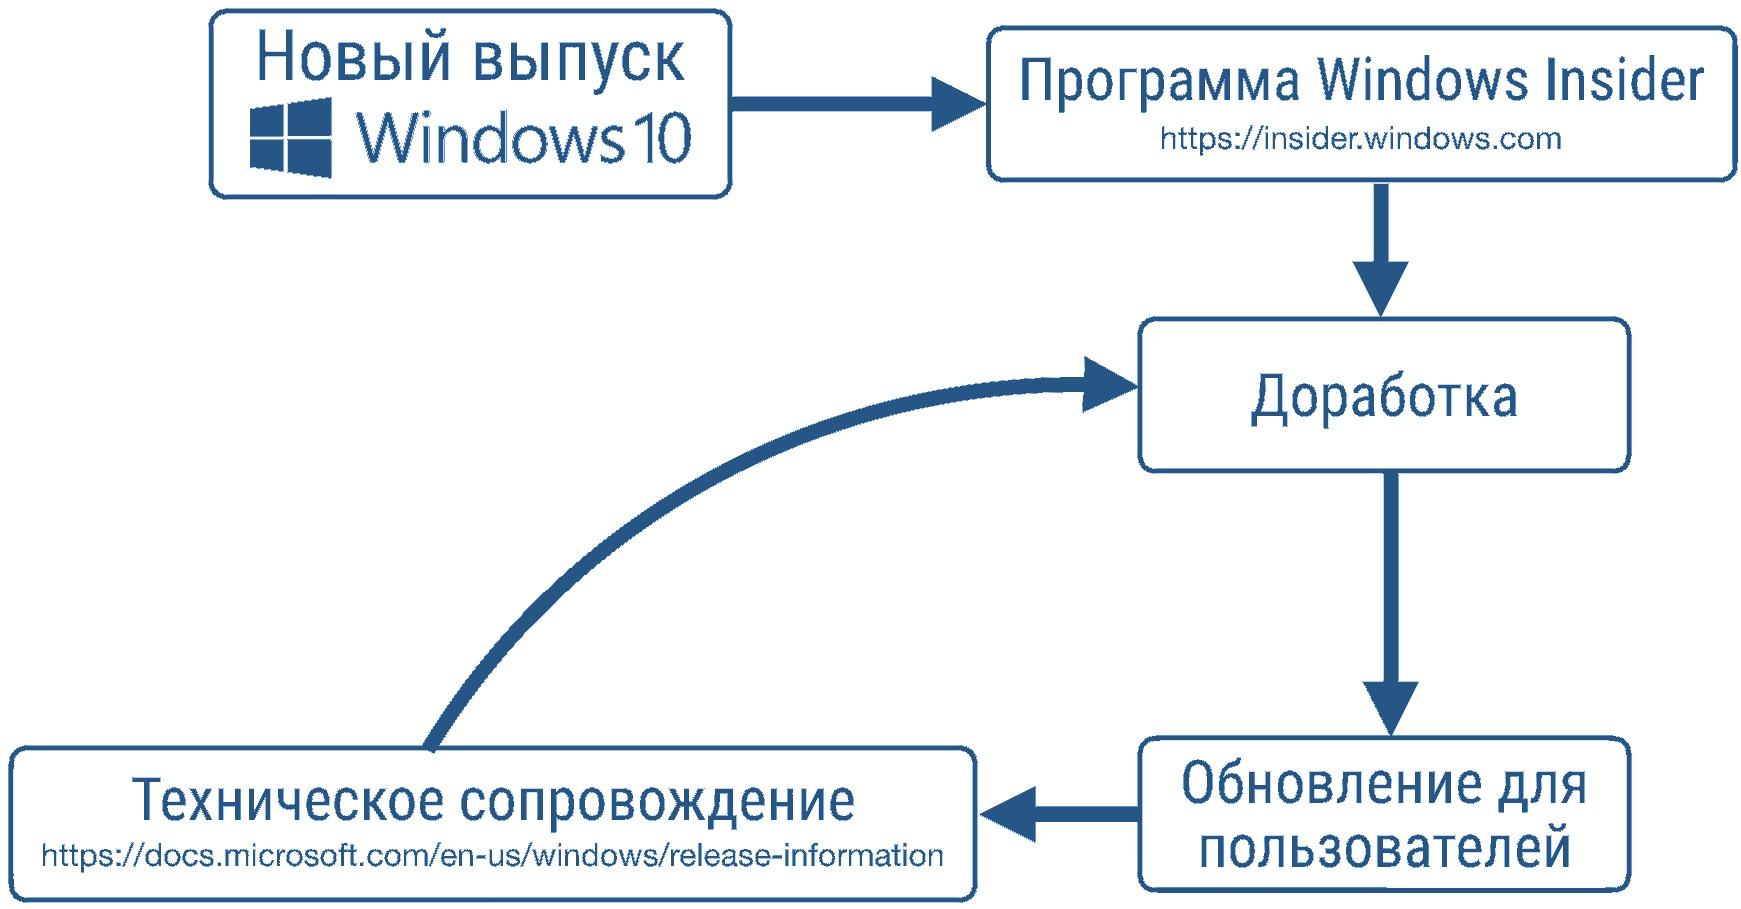 Цикл разработки Windows 10